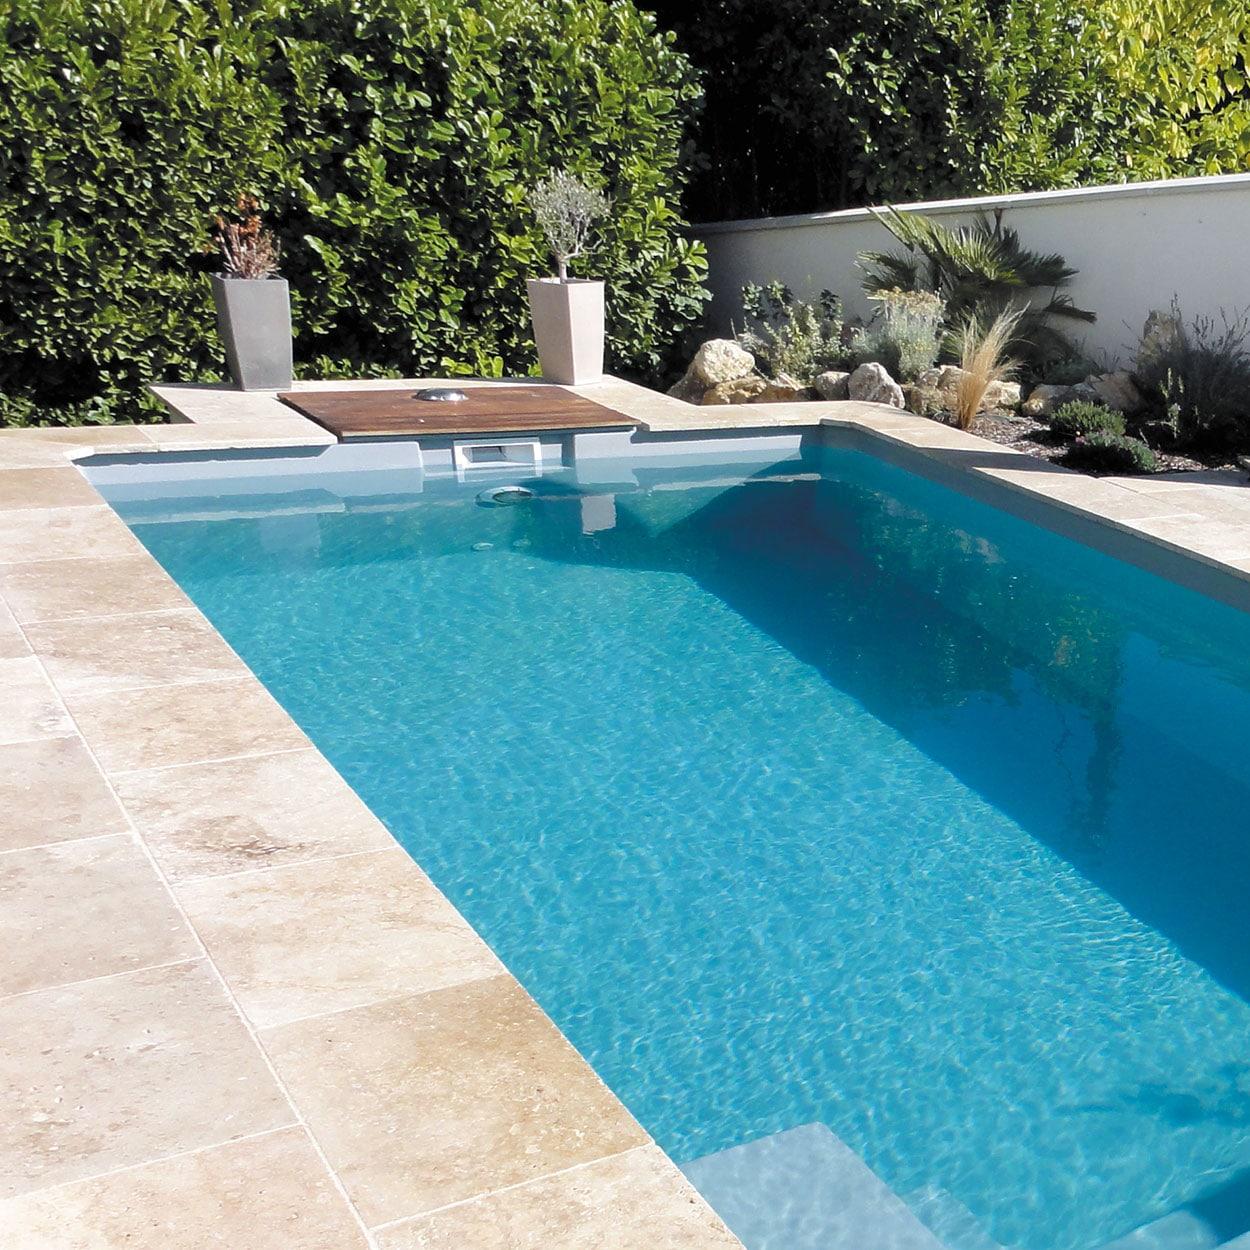 caisson-plug-and-swim-bassin-1 Odalia - Déclinaison PLUG & SWIM - Les atouts